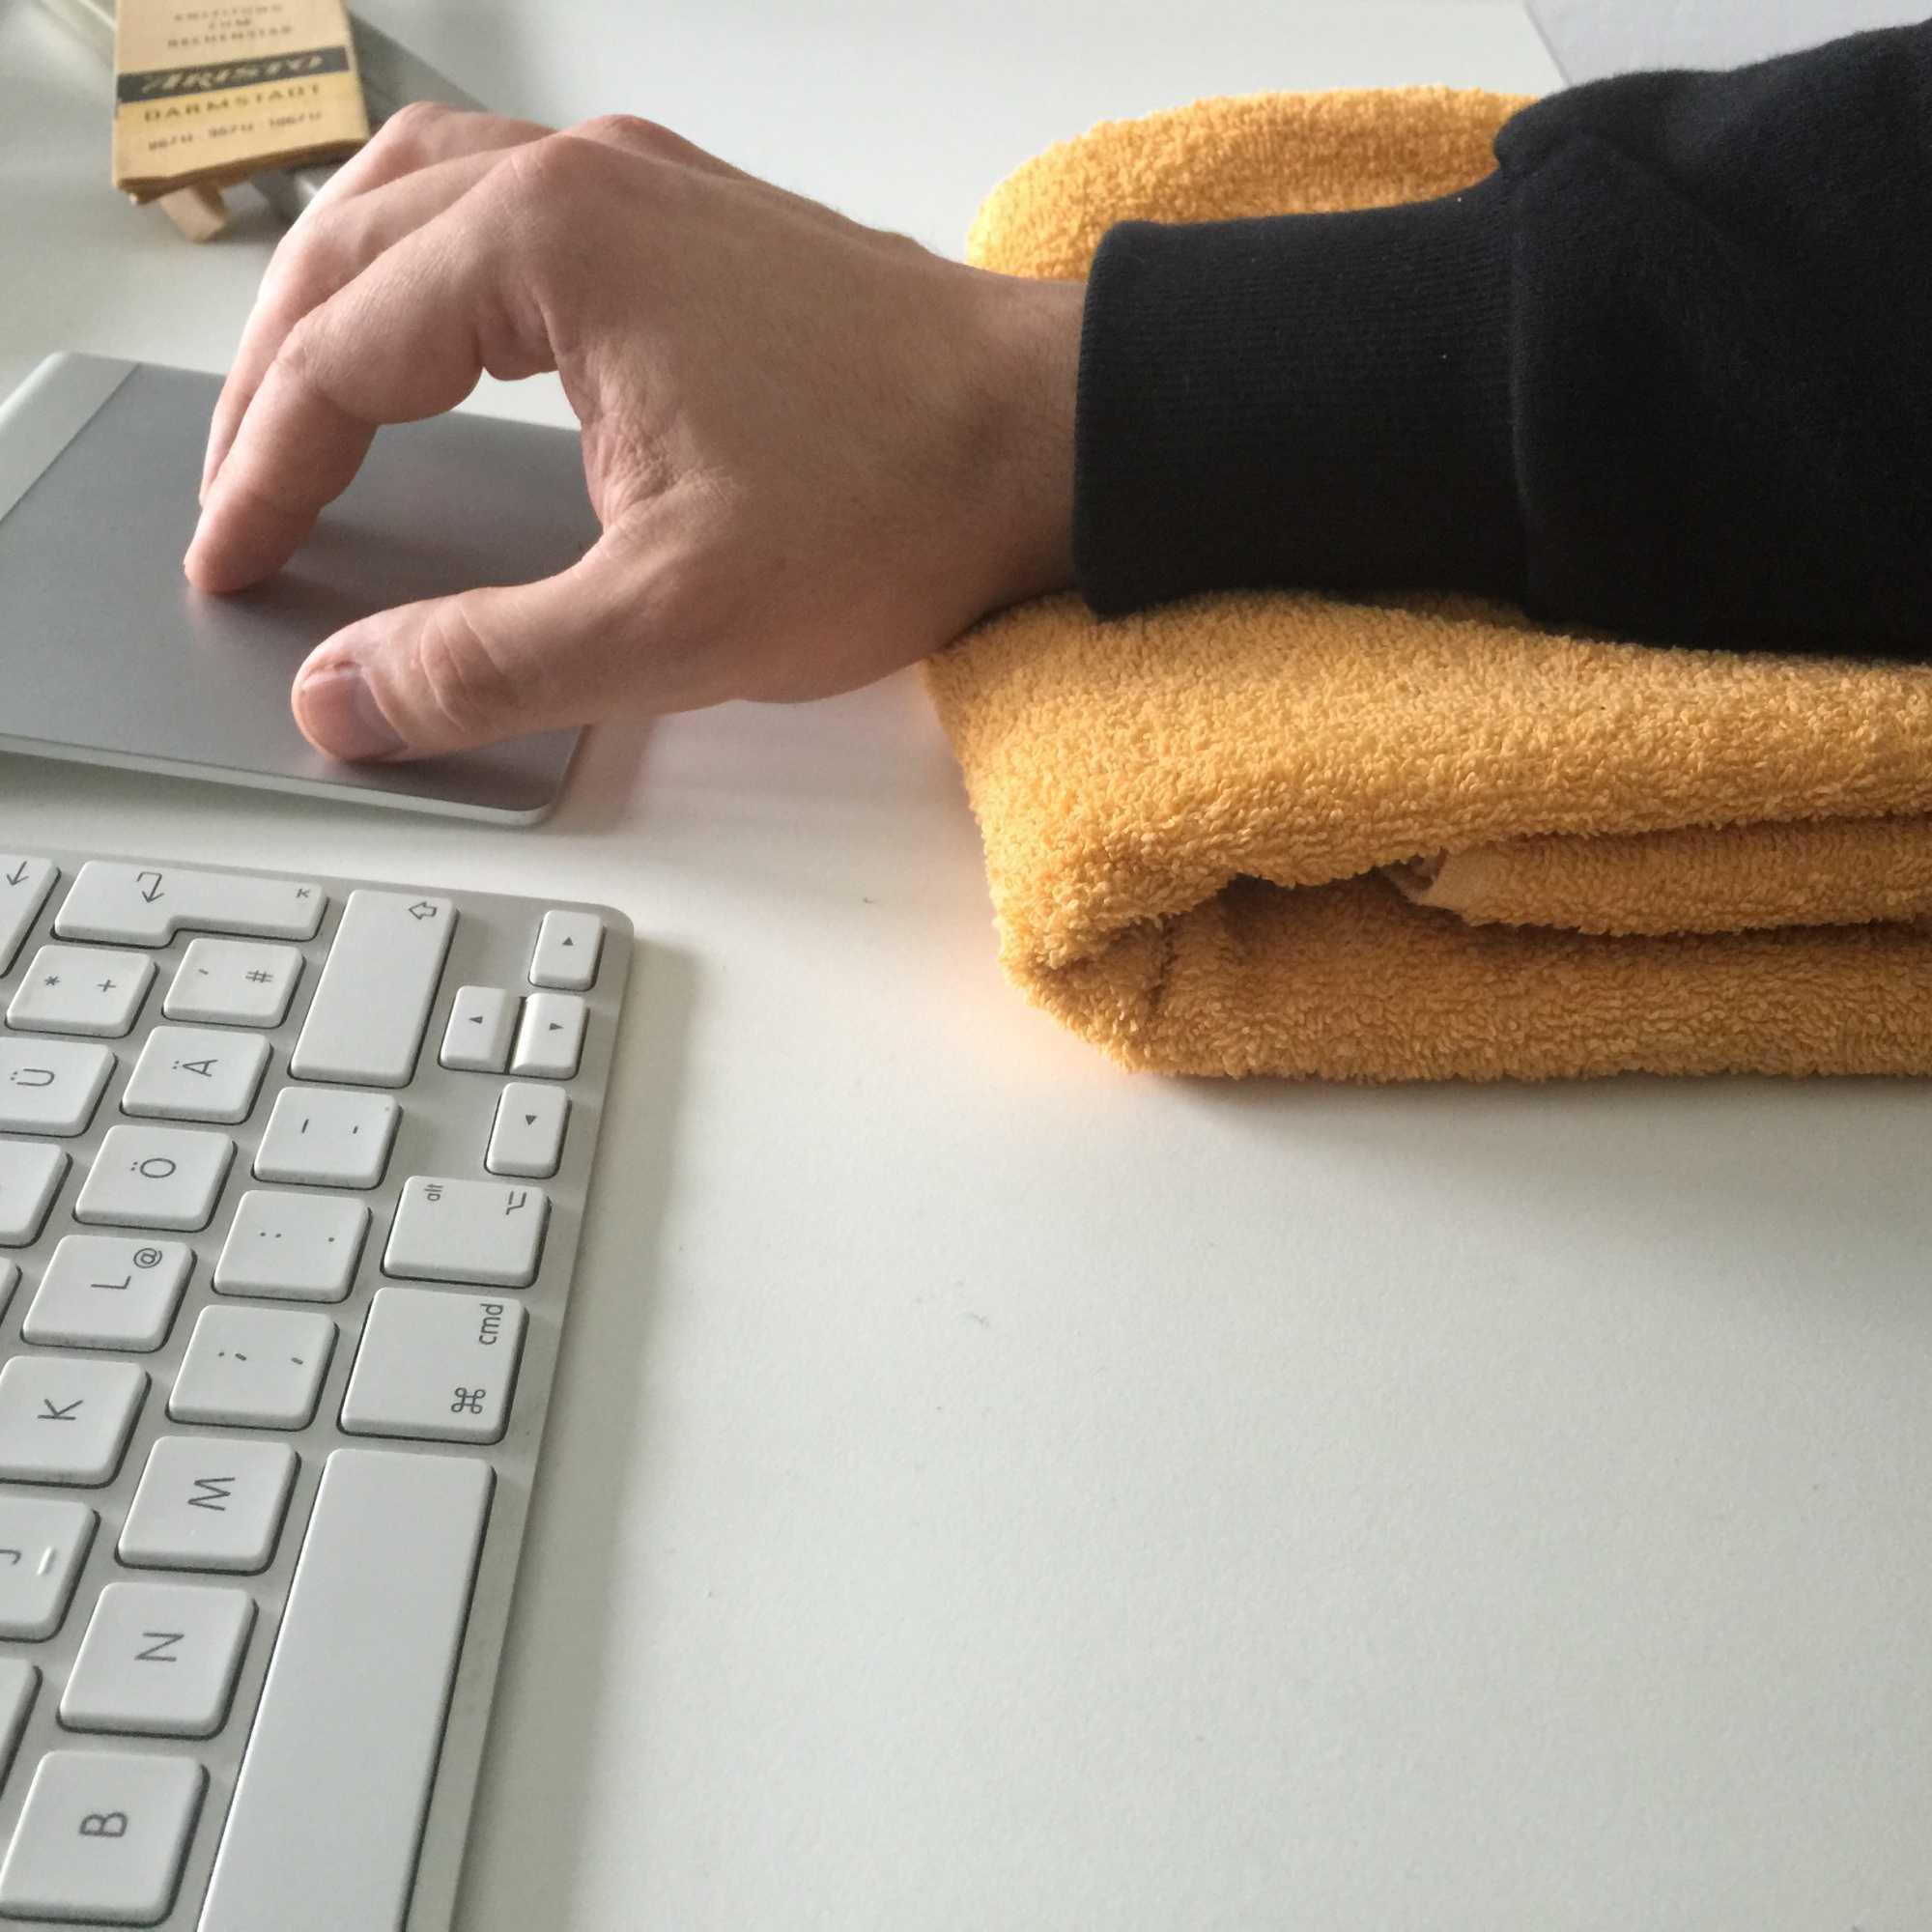 Auch als Handgelenkschoner ist ein Handtuch durchaus geeignet.